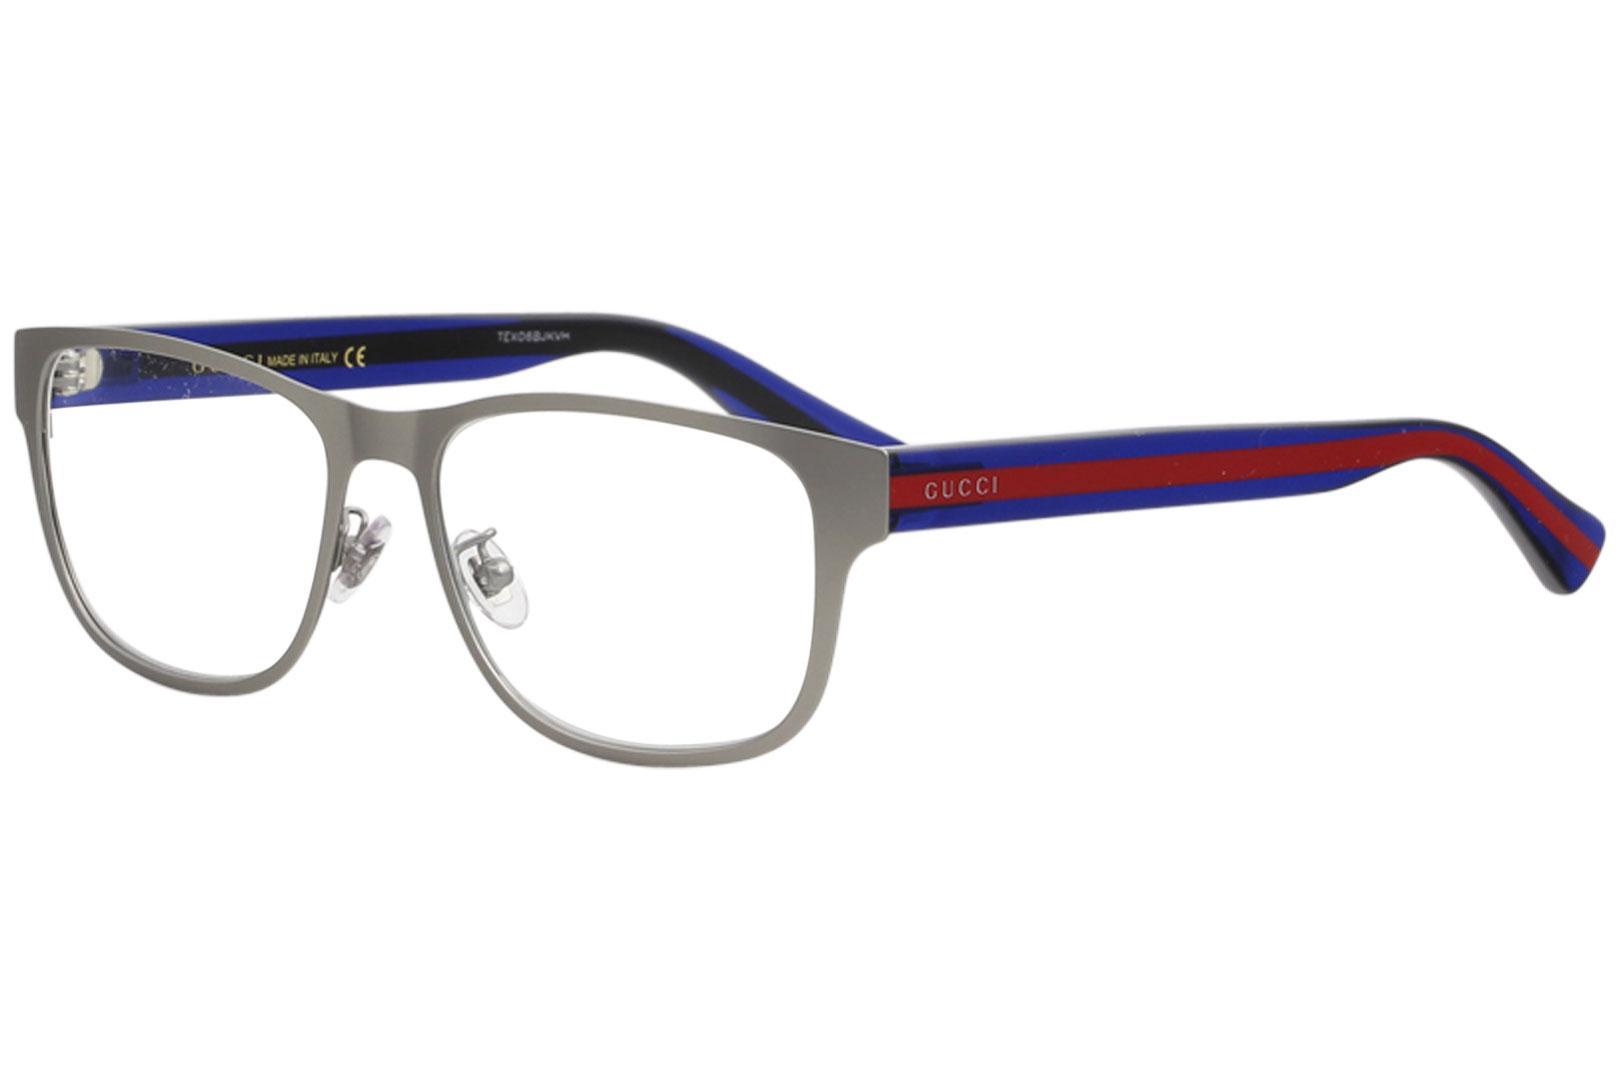 8083bcd72786d Gucci Mens Eyeglasses GG0007O GG   0007   O Full Rim Optical Frame